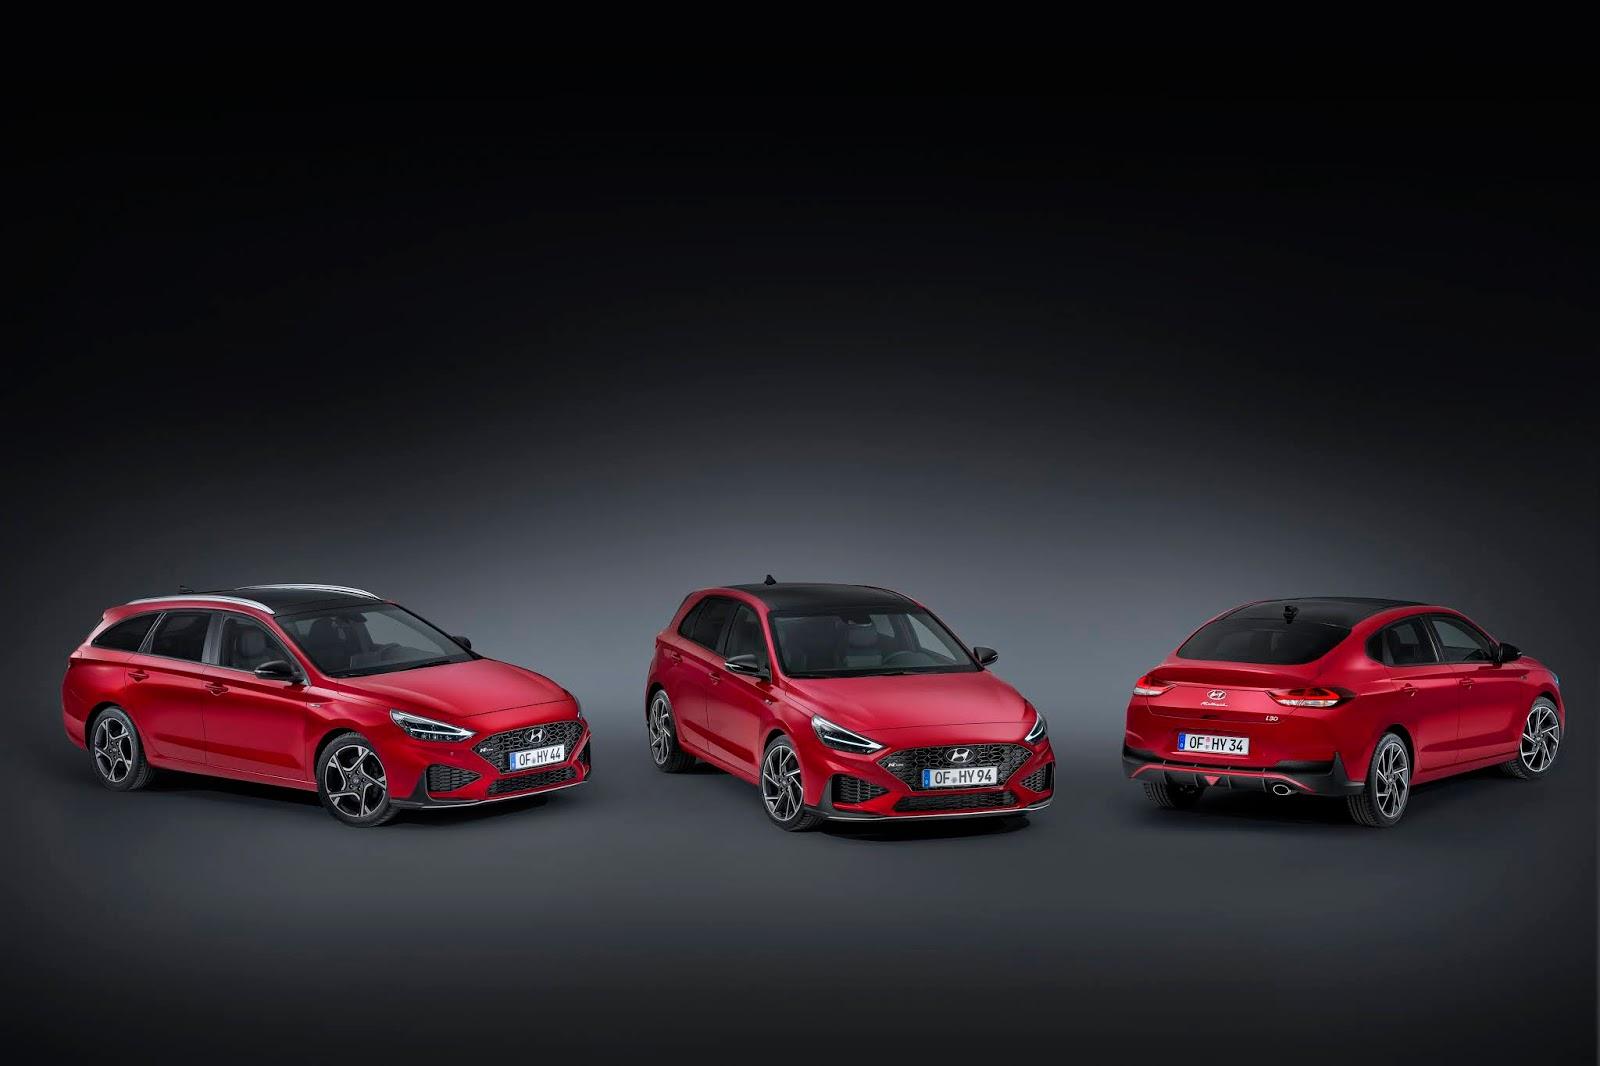 hyundai i30 n line range three 02 Για πρώτη φορά σε έκδοση N Line το Hyundai i30 Hyundai, Hyundai i30, ειδήσεις, καινούργιο, καινούρια, καινούριο